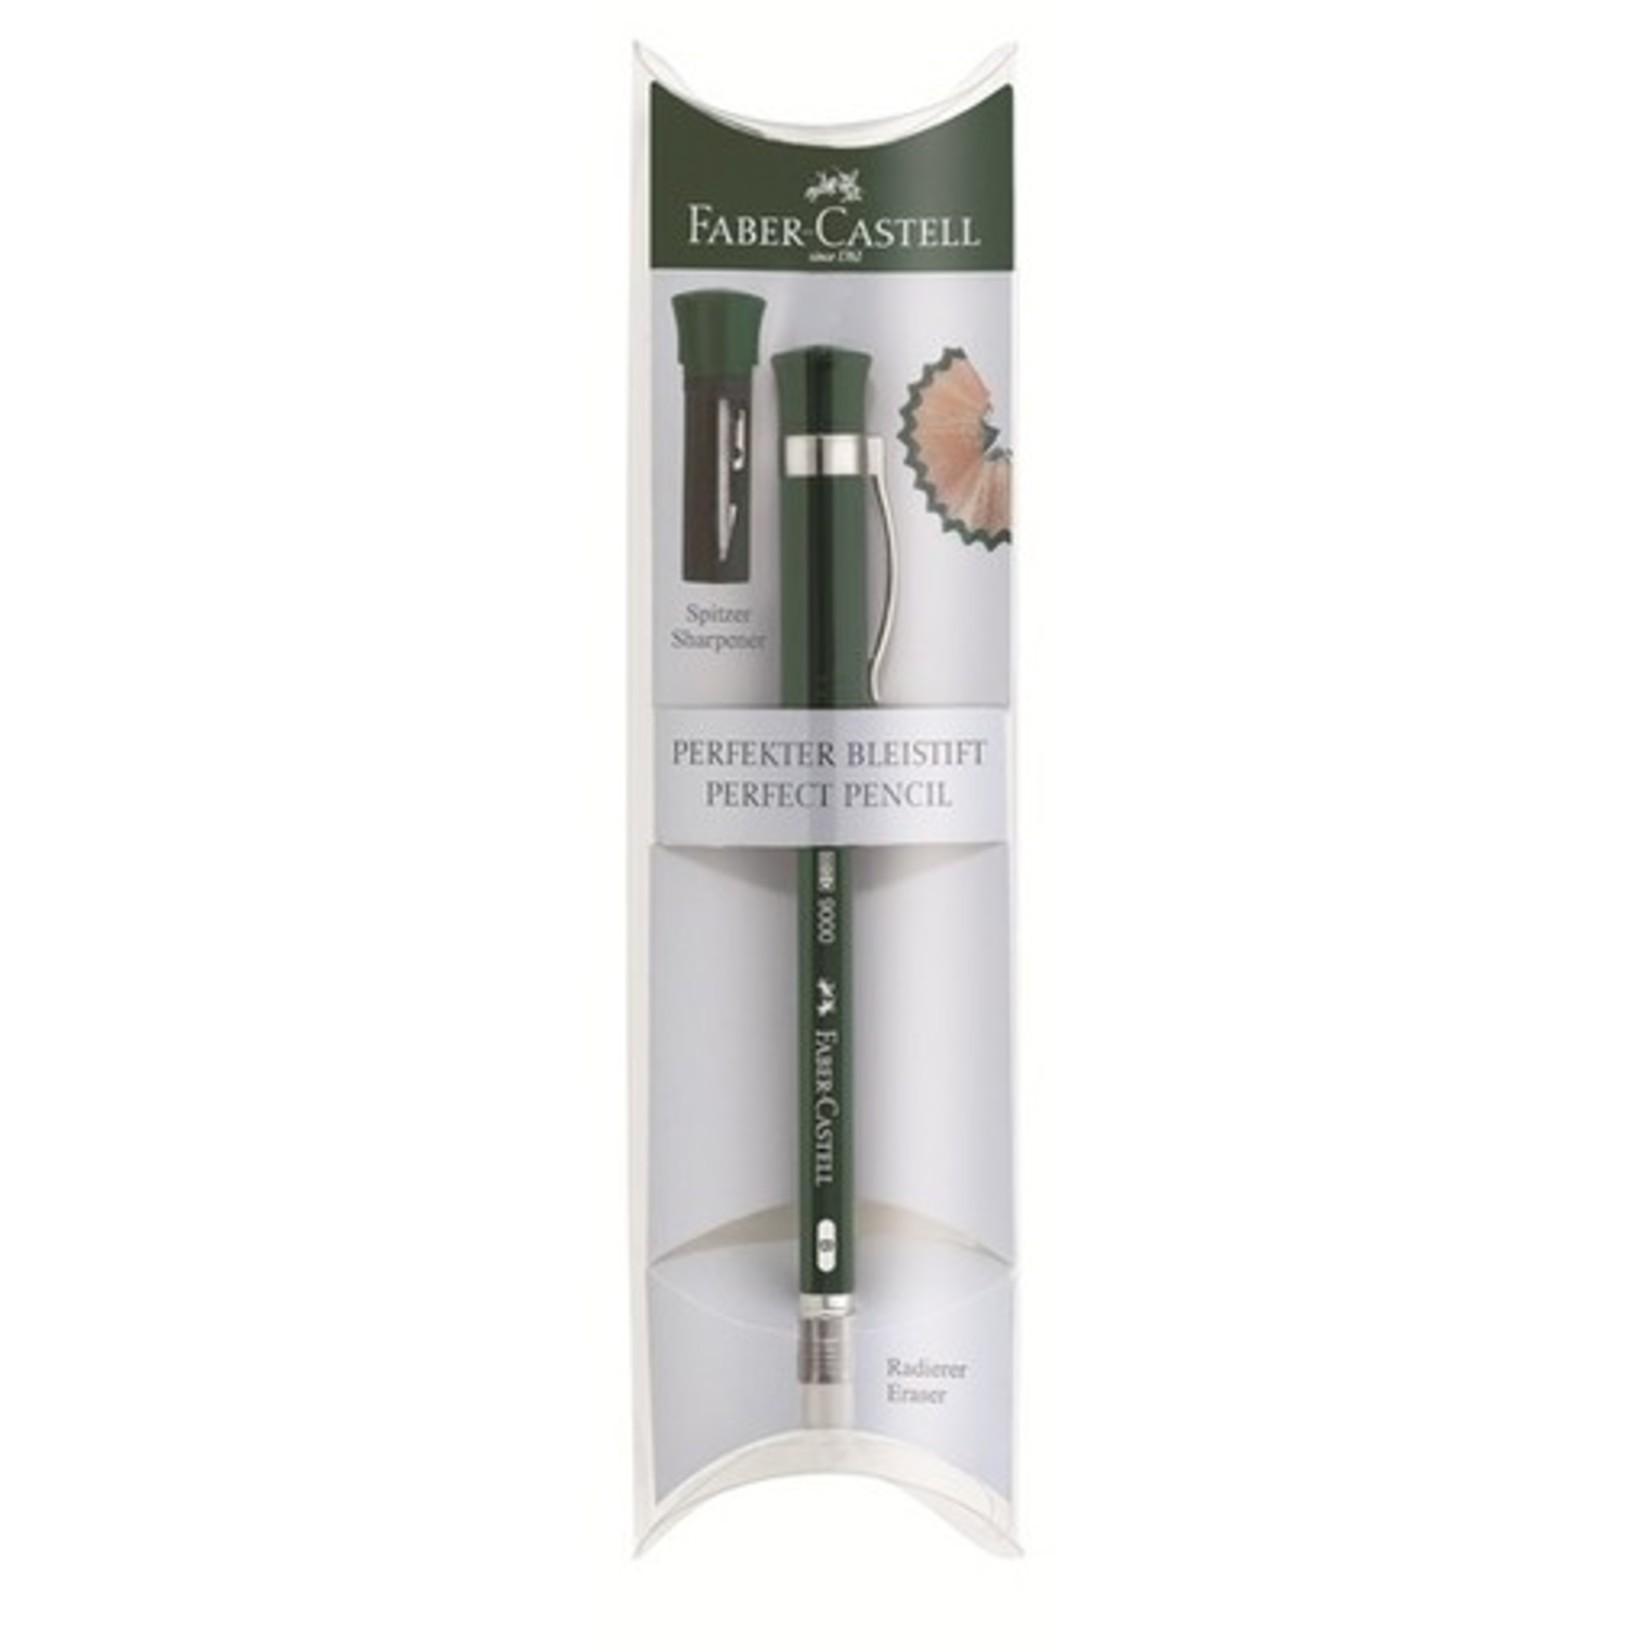 """Faber-Castell Faber Castell Perfekter Bleistift """"Castell 9000"""" Geschenketui, grün"""